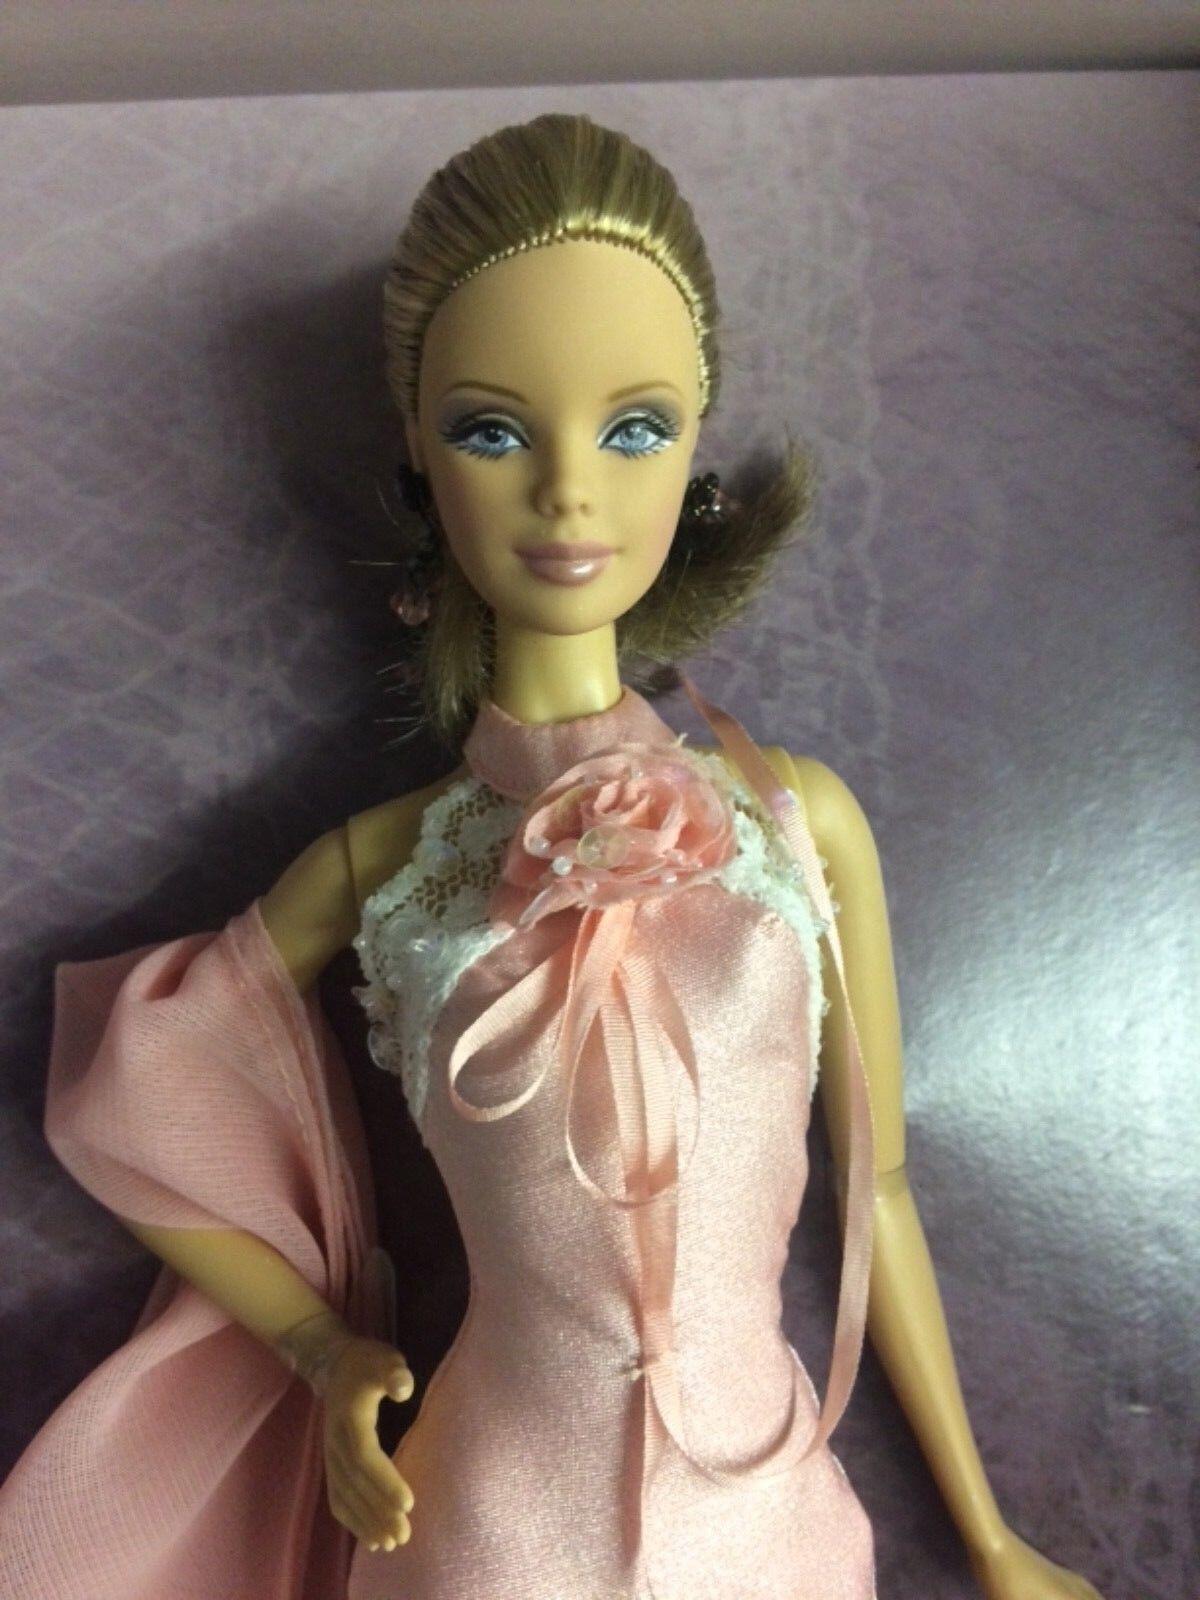 oro LABEL, Badgley Mischka rosa Abito Bambola Barbie mai tolto dalla scatola